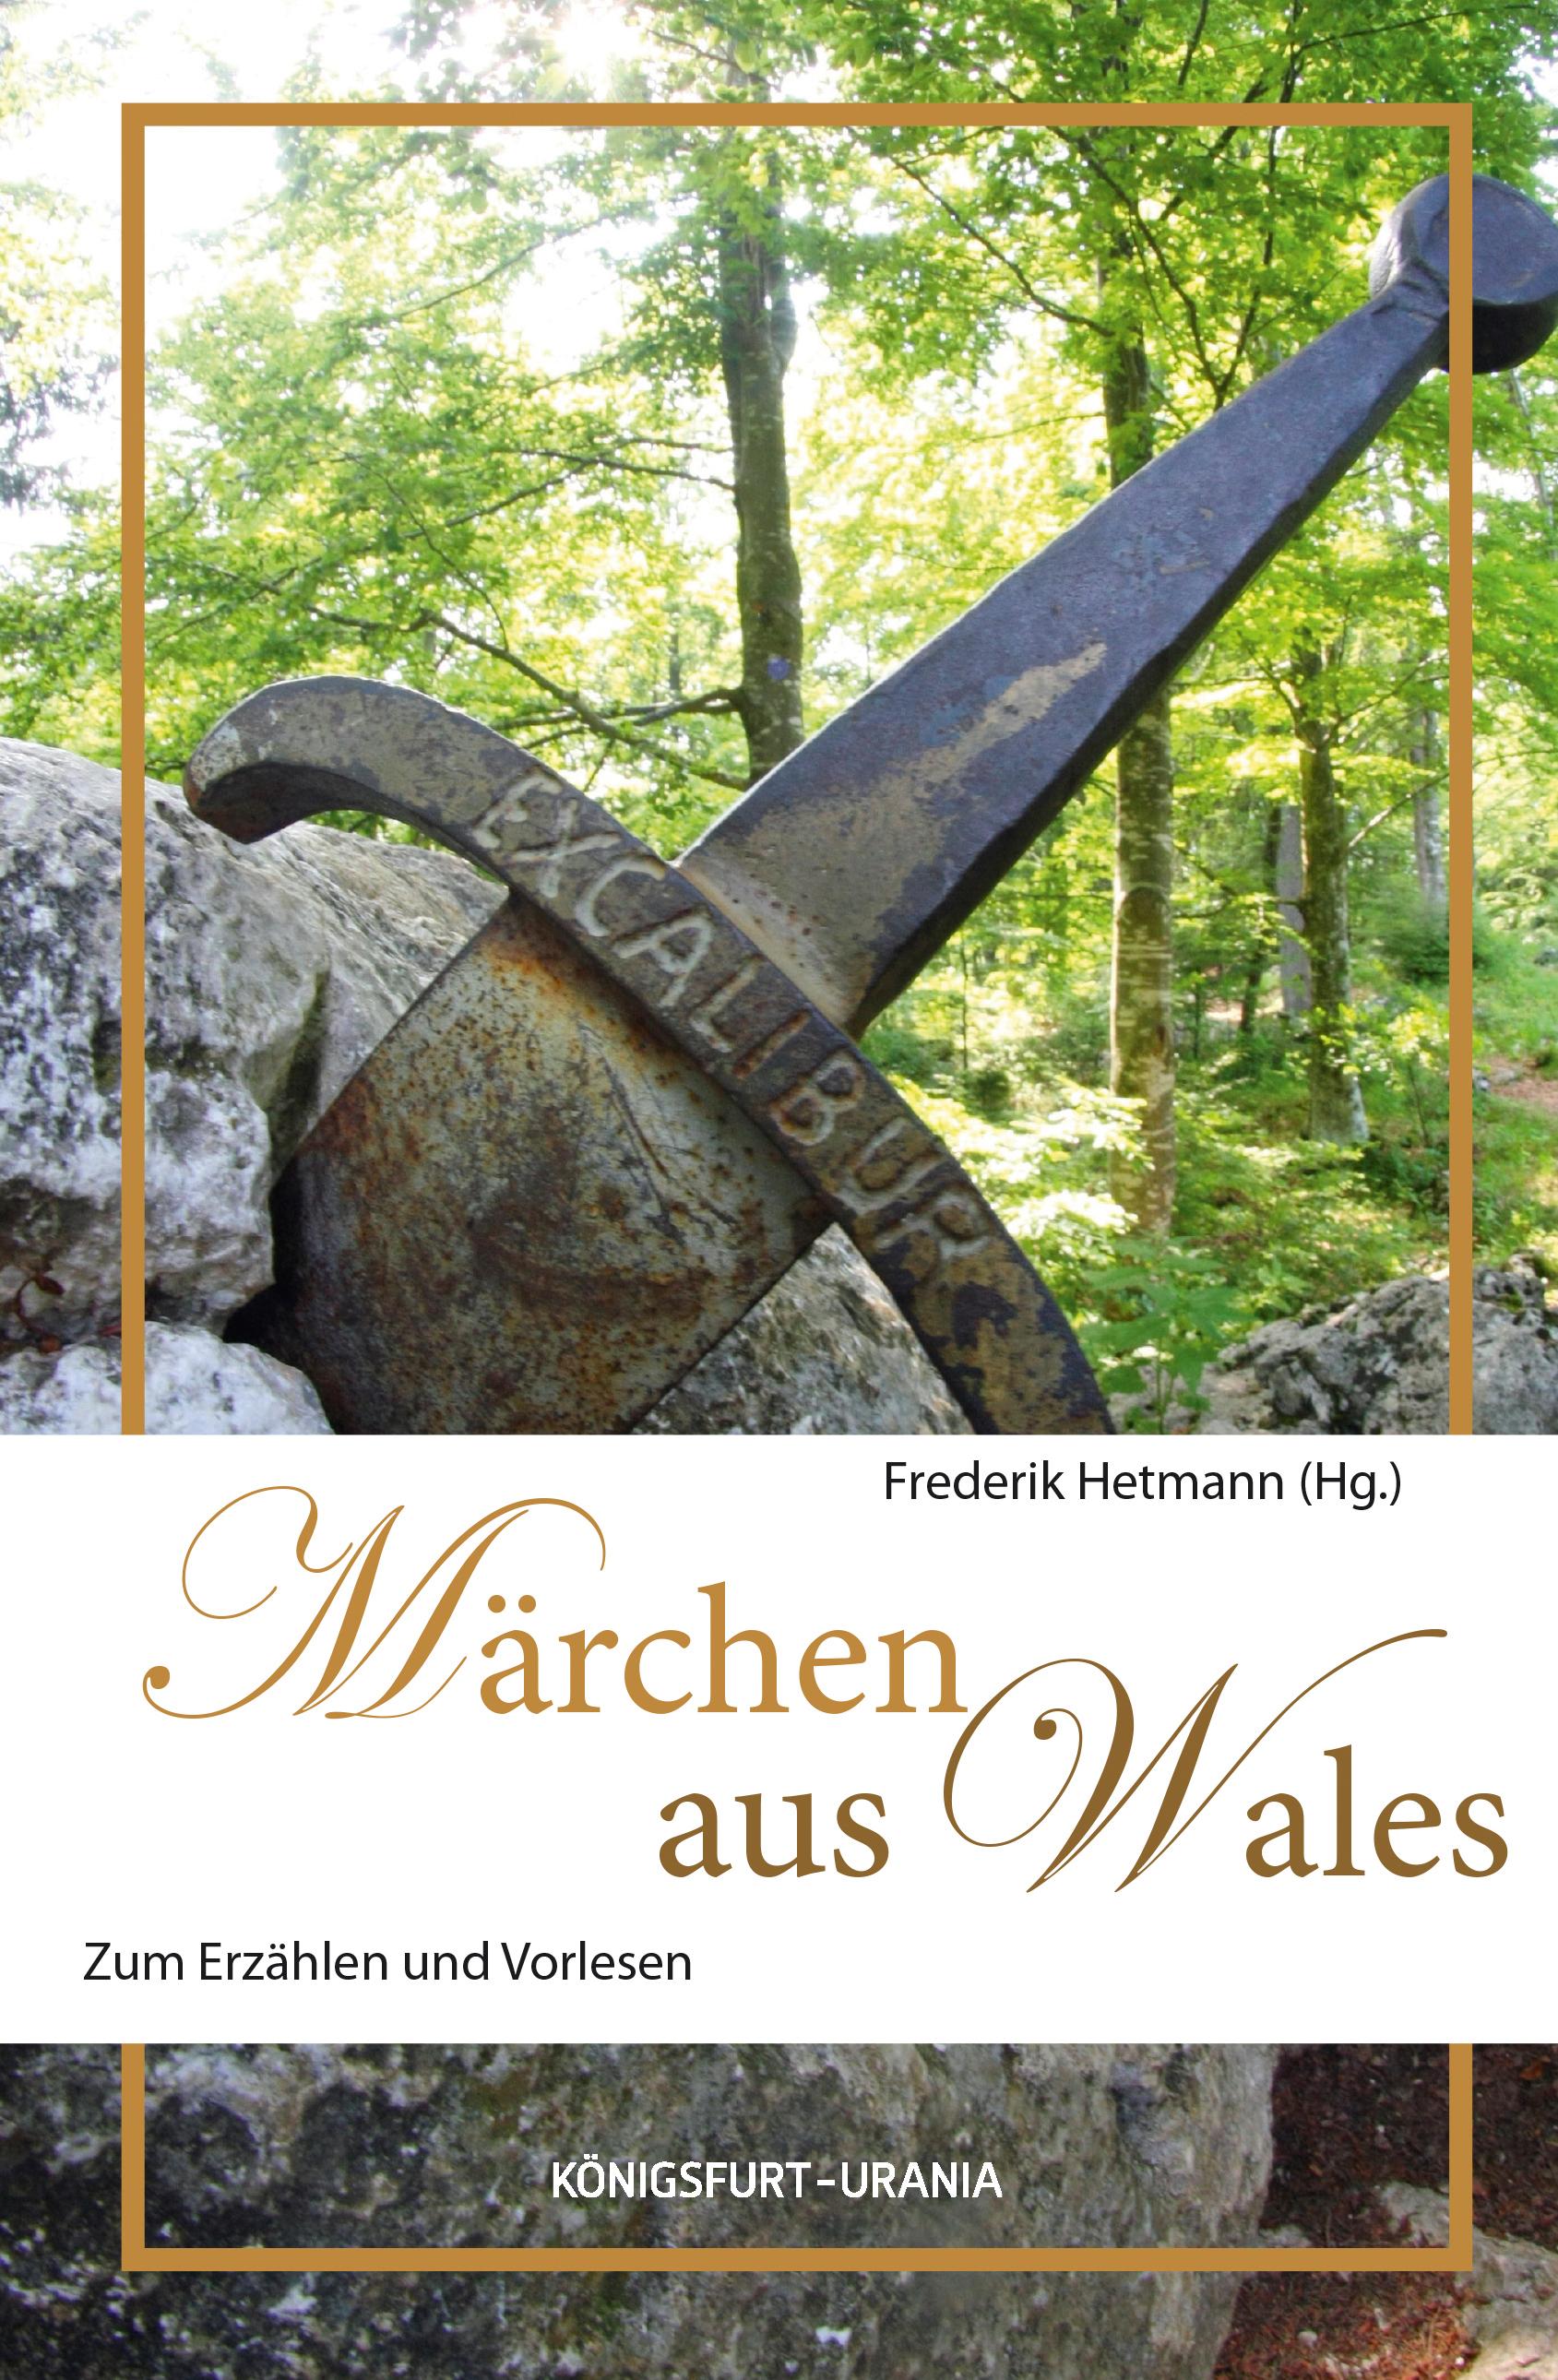 Märchen aus Wales: Zum Erzählen und Vorlesen - Frederik Hetmann